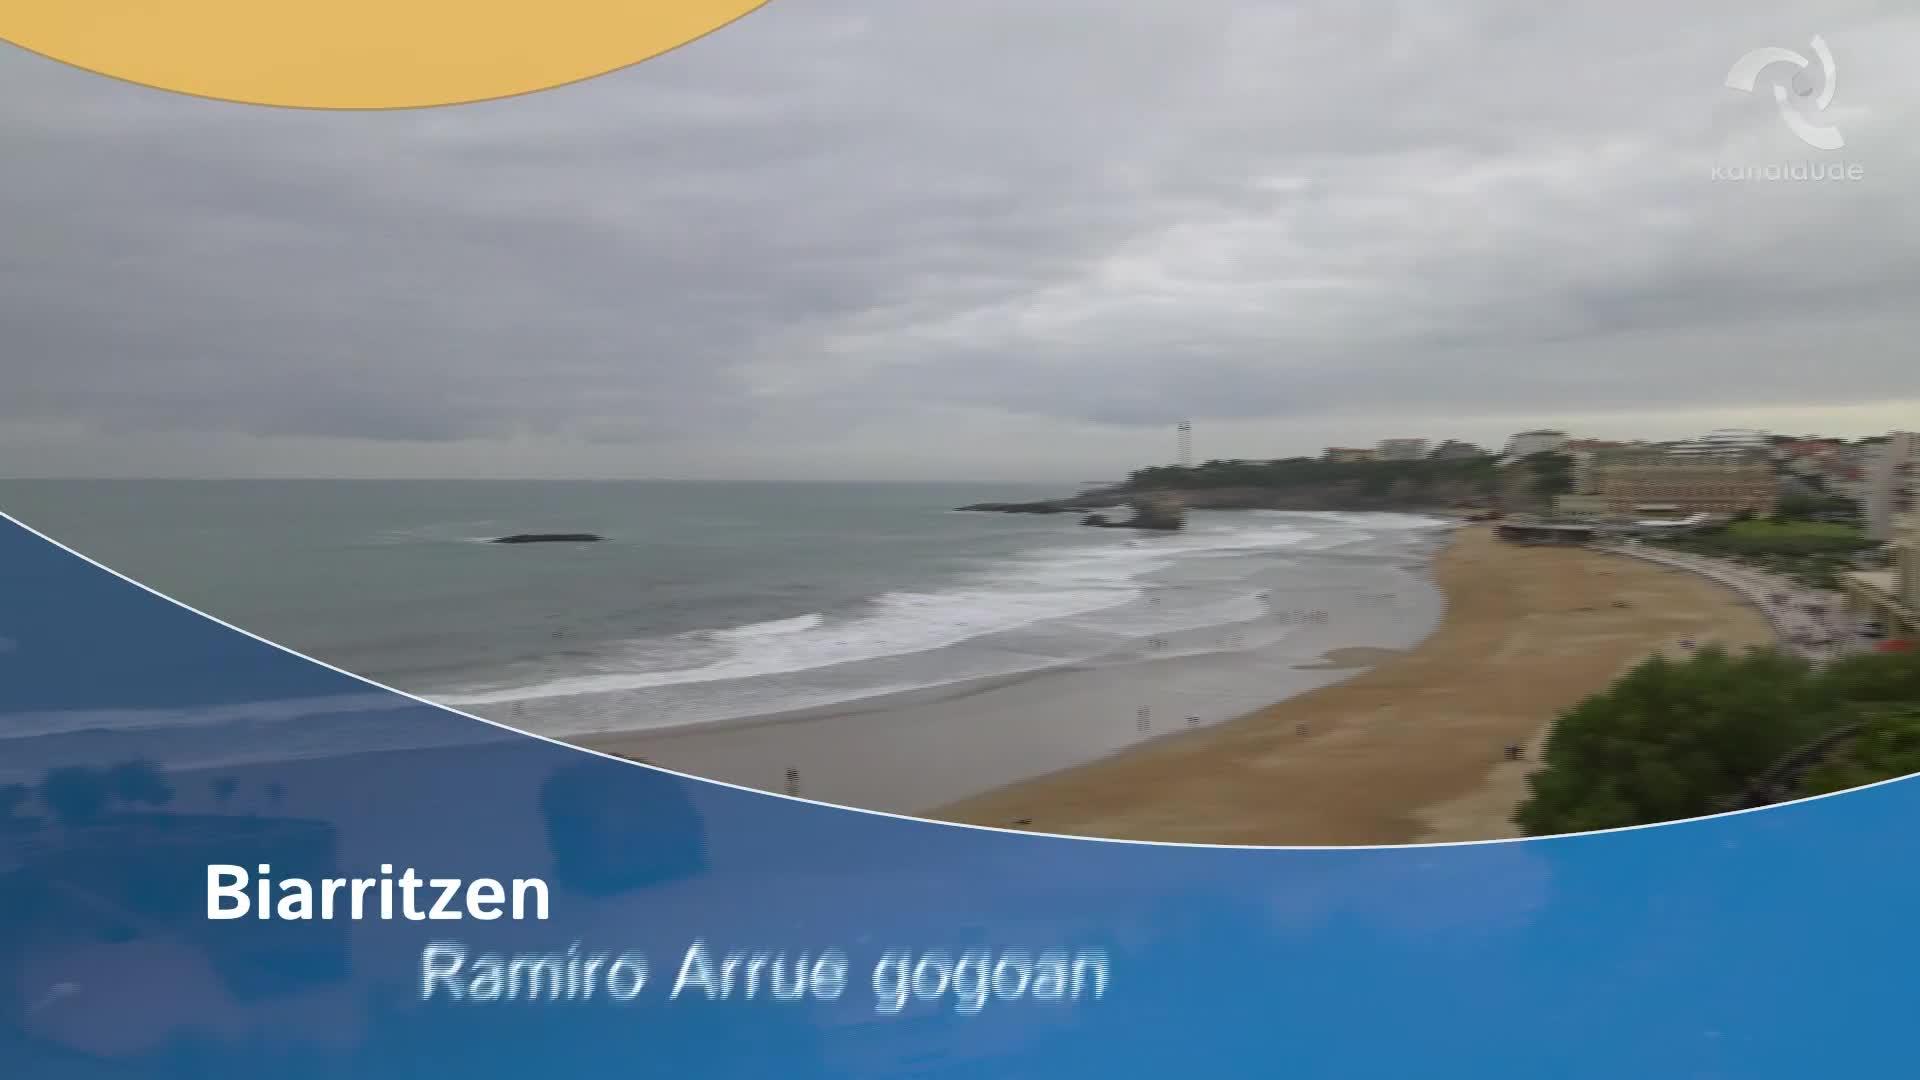 Ramiro Arrue gogoan Biarritzen